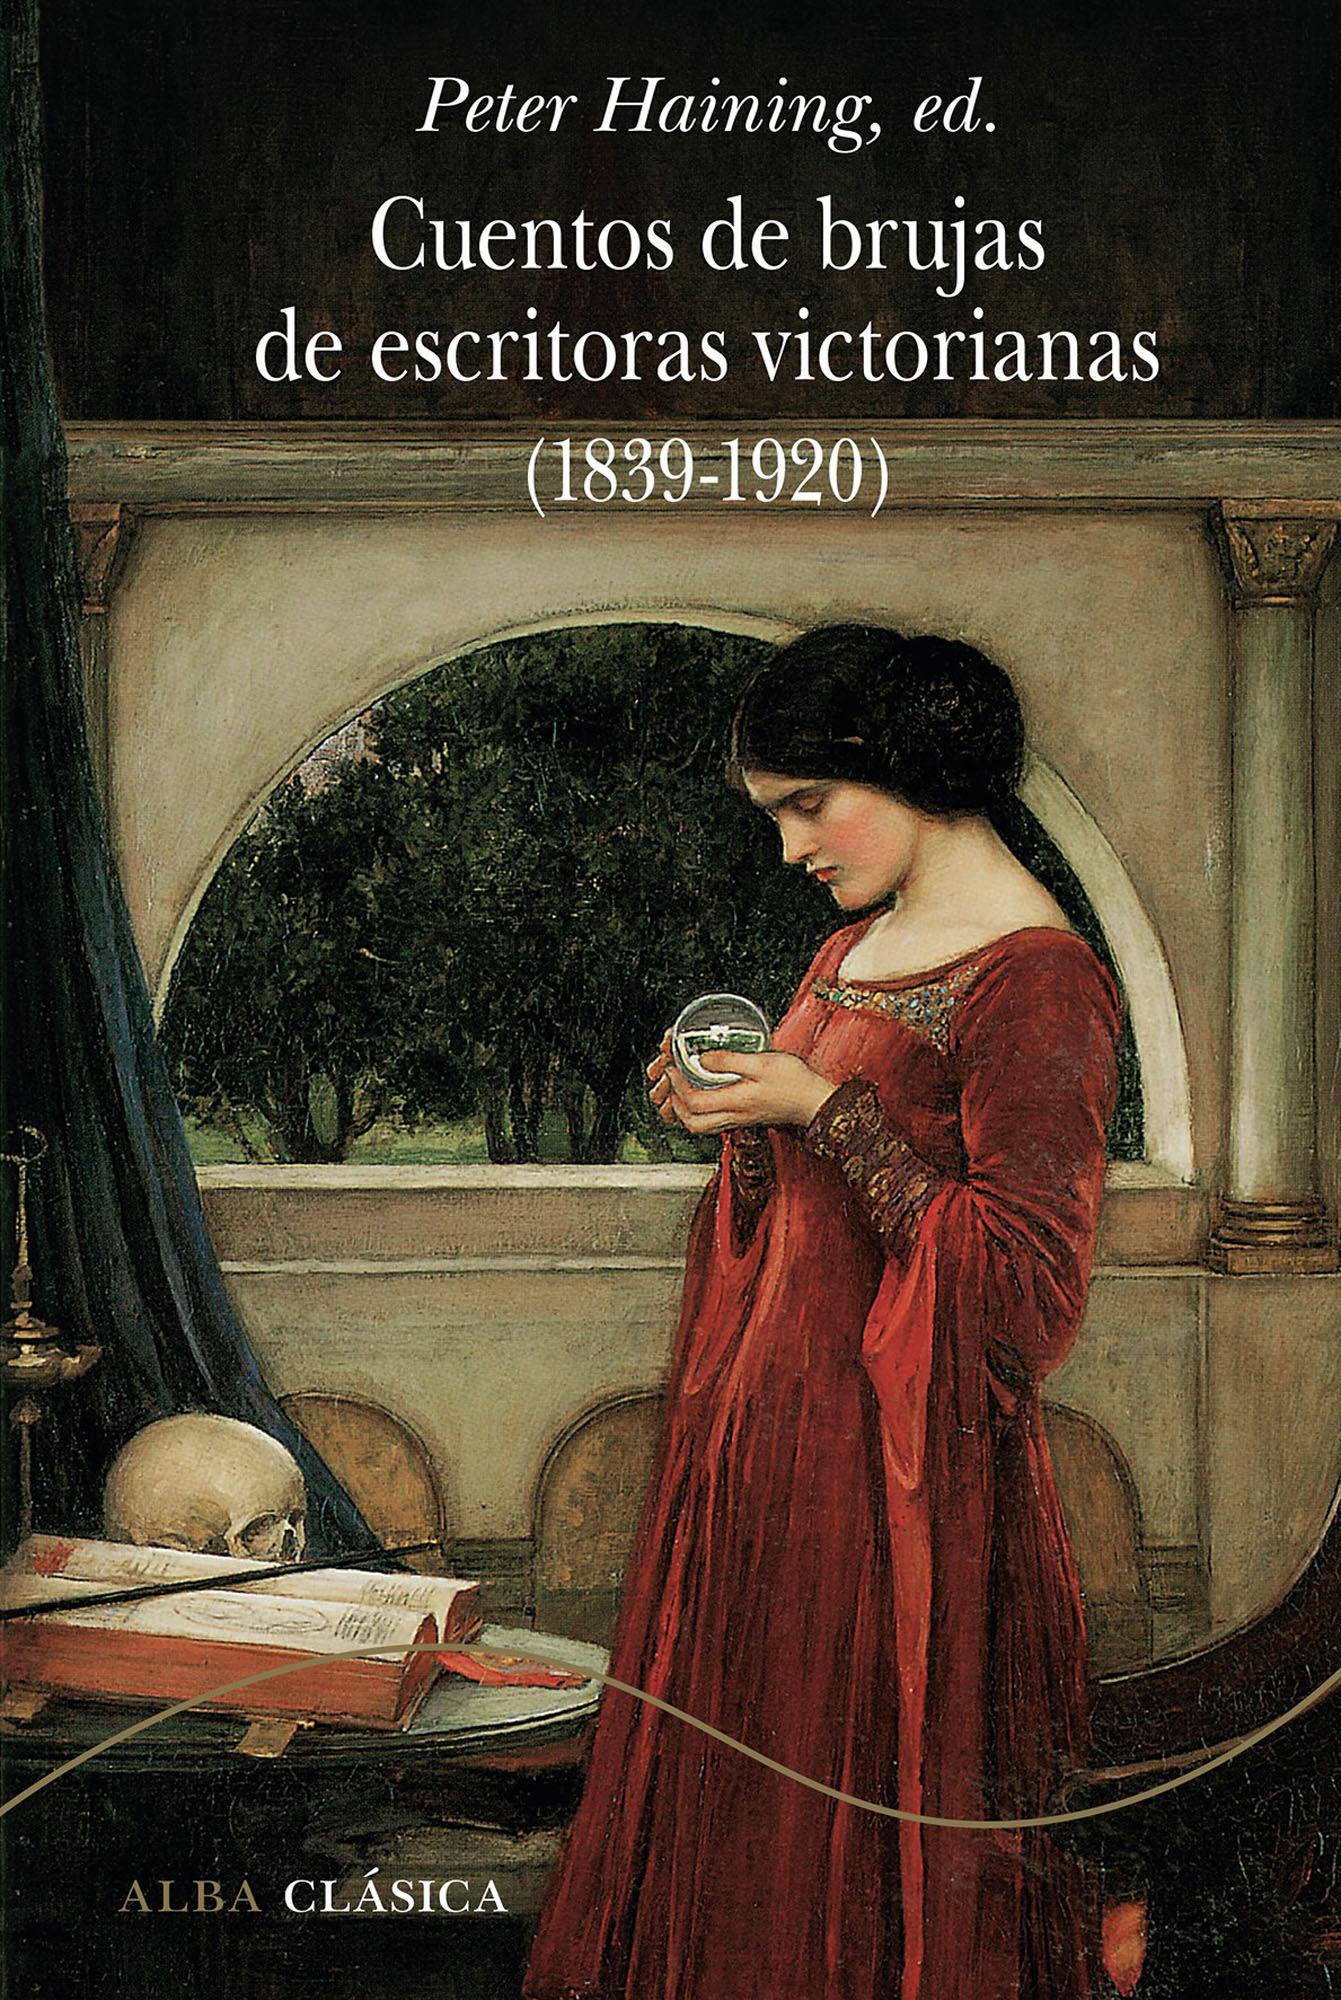 CUENTOS DE BRUJAS DE ESCRITORAS VICTORIANAS